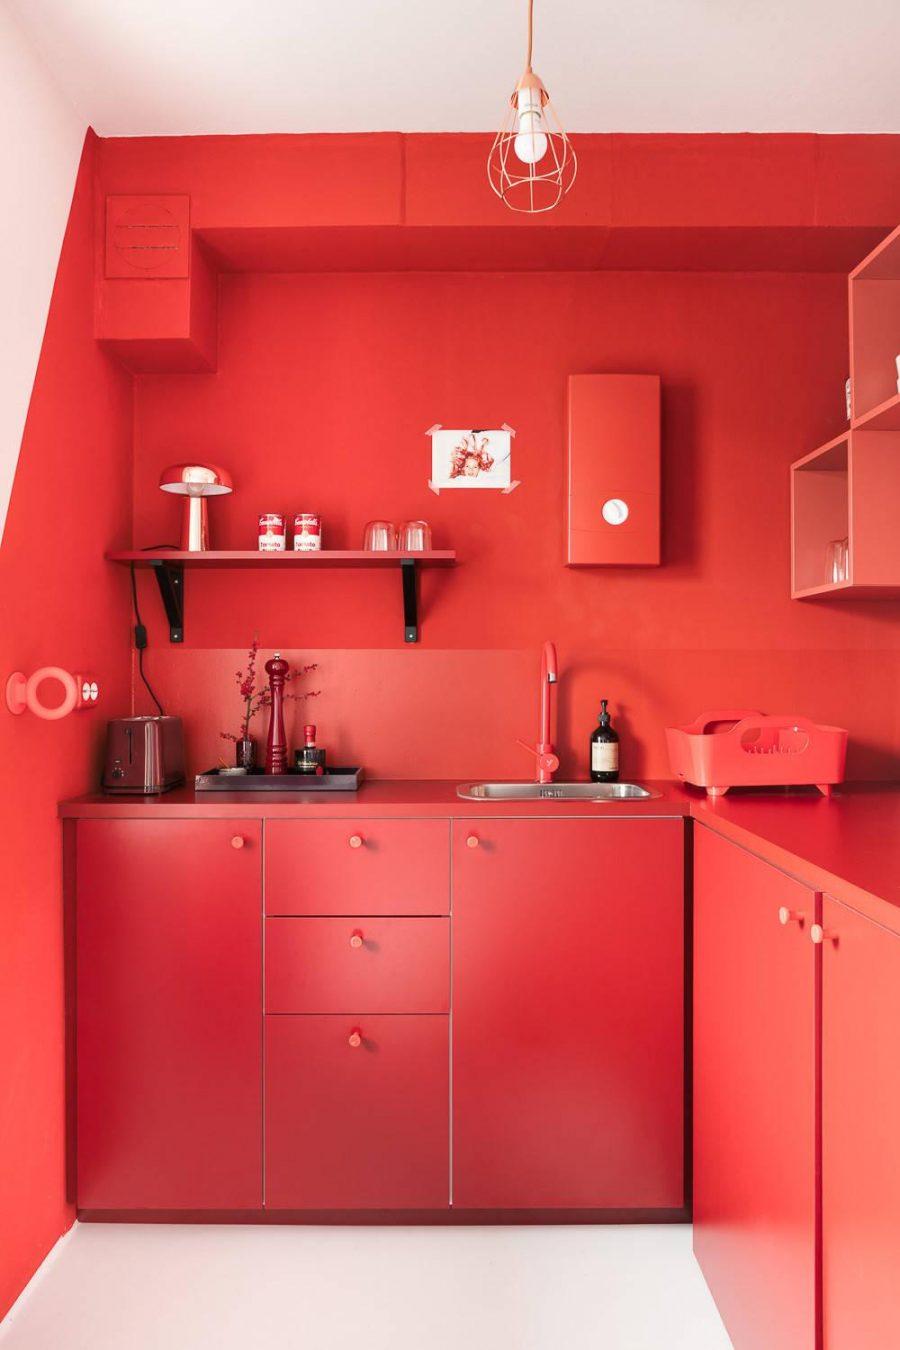 Đỏ rực và cuốn hút với hệ thống tủ bếp đồng bộ màu sắc